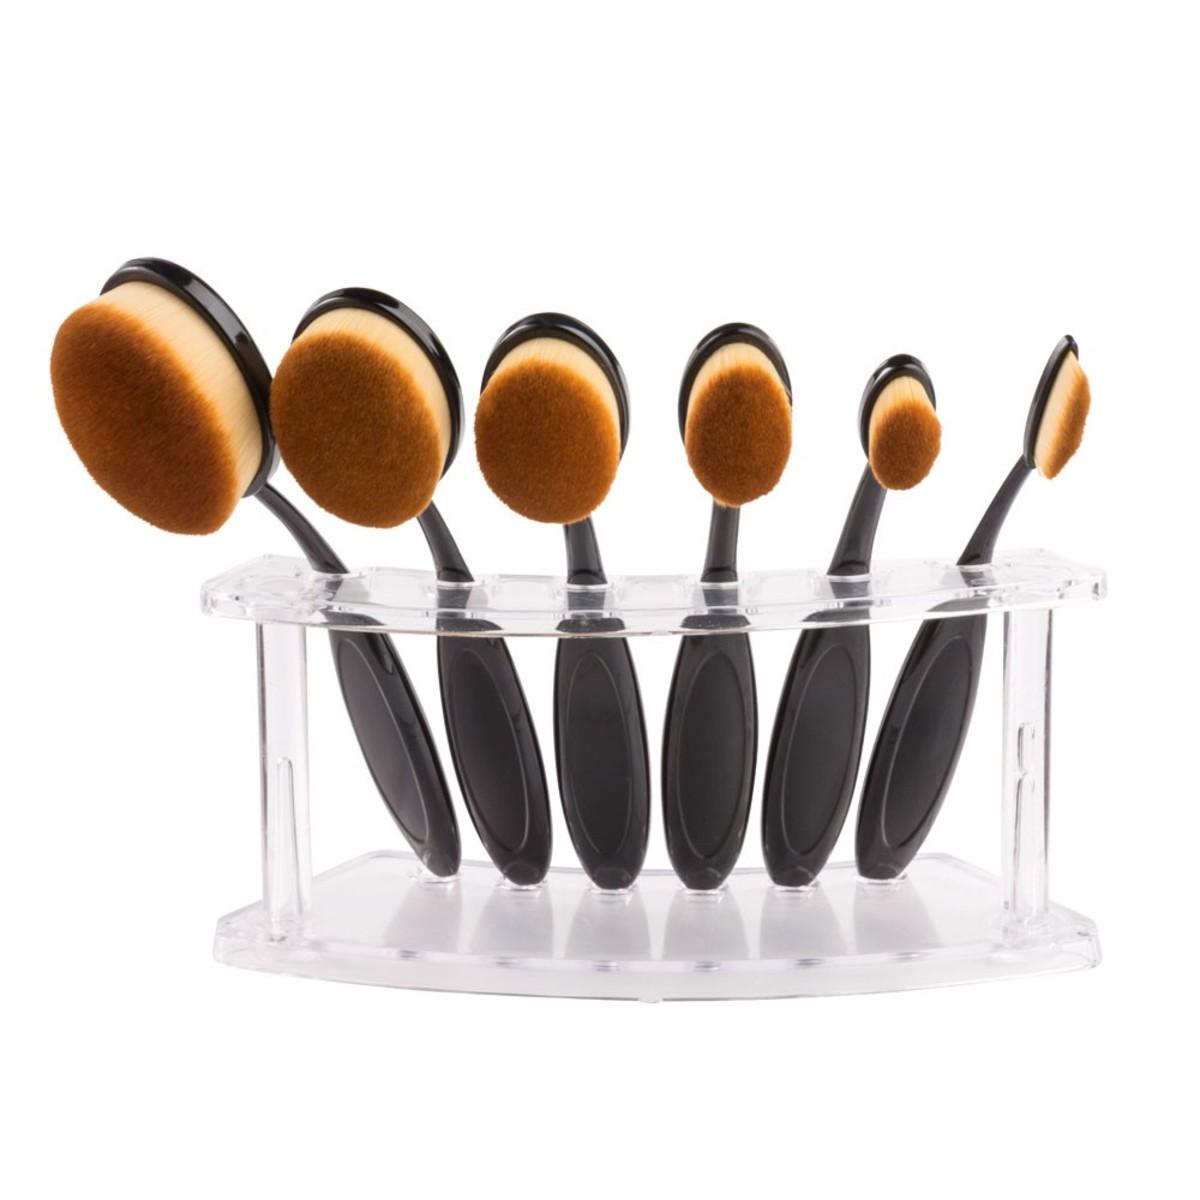 Bild 3 von Make-Up Pinsel oval, 10er-Set